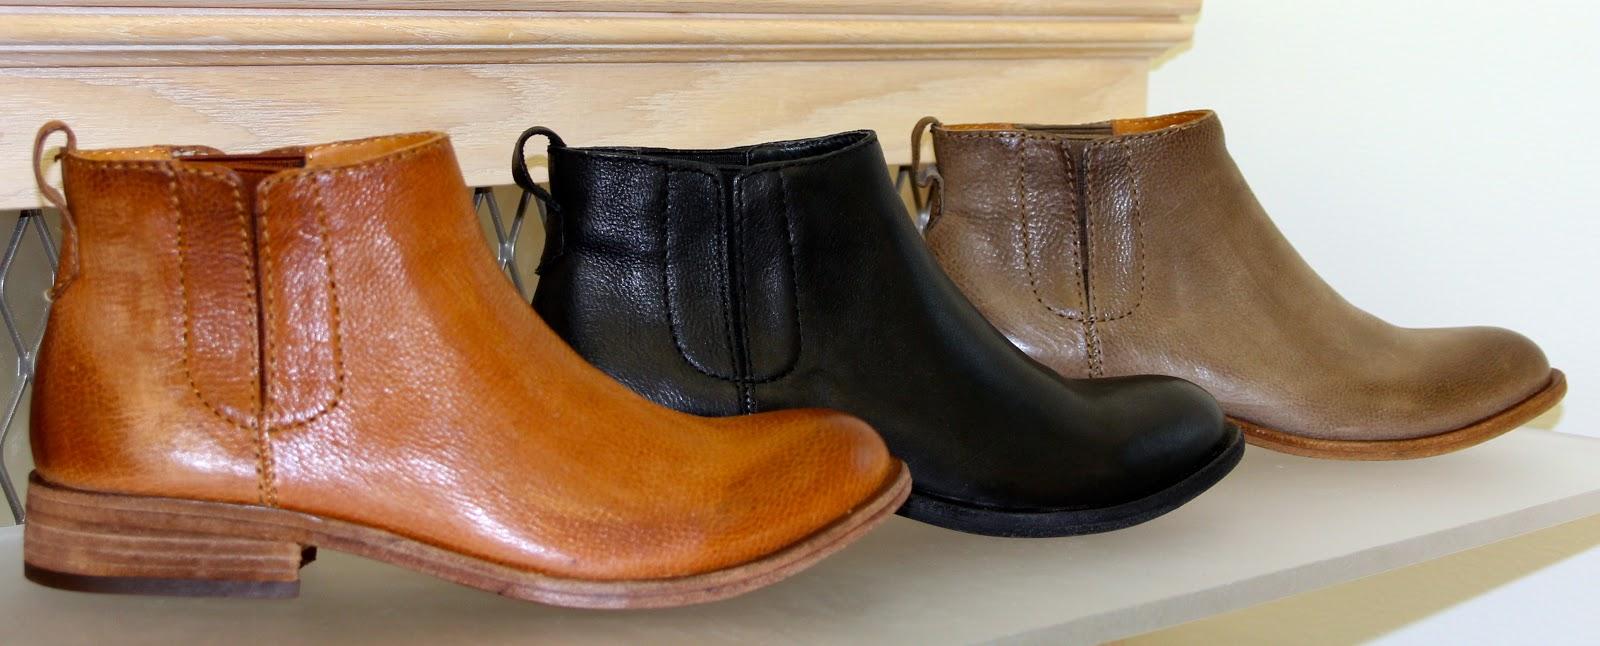 Kork Ease Vintage Shoe Company Walk Over Fall 2013 Women